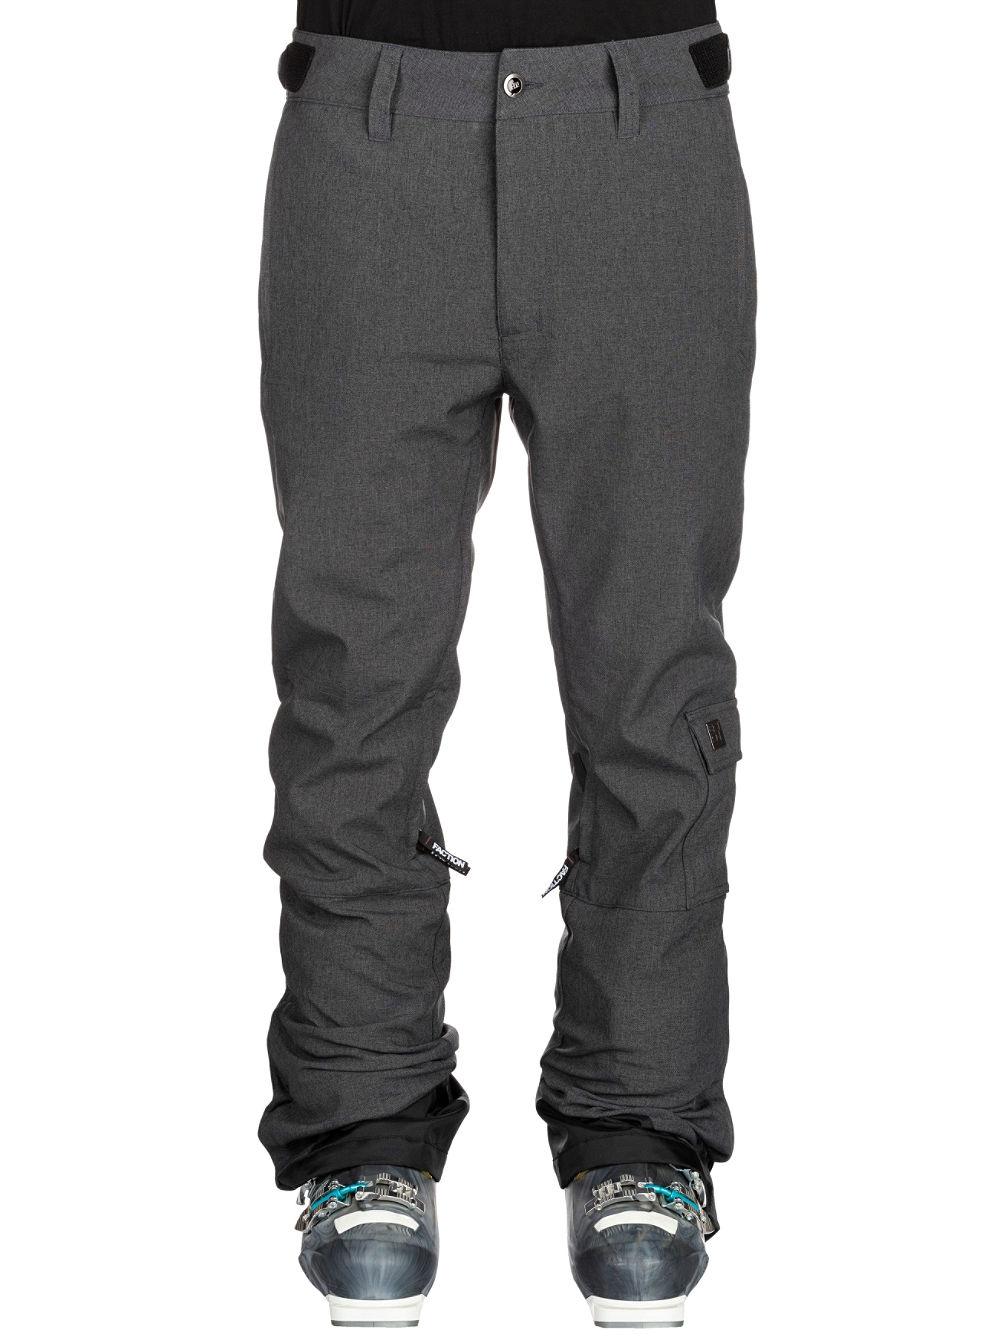 shackleton-pants